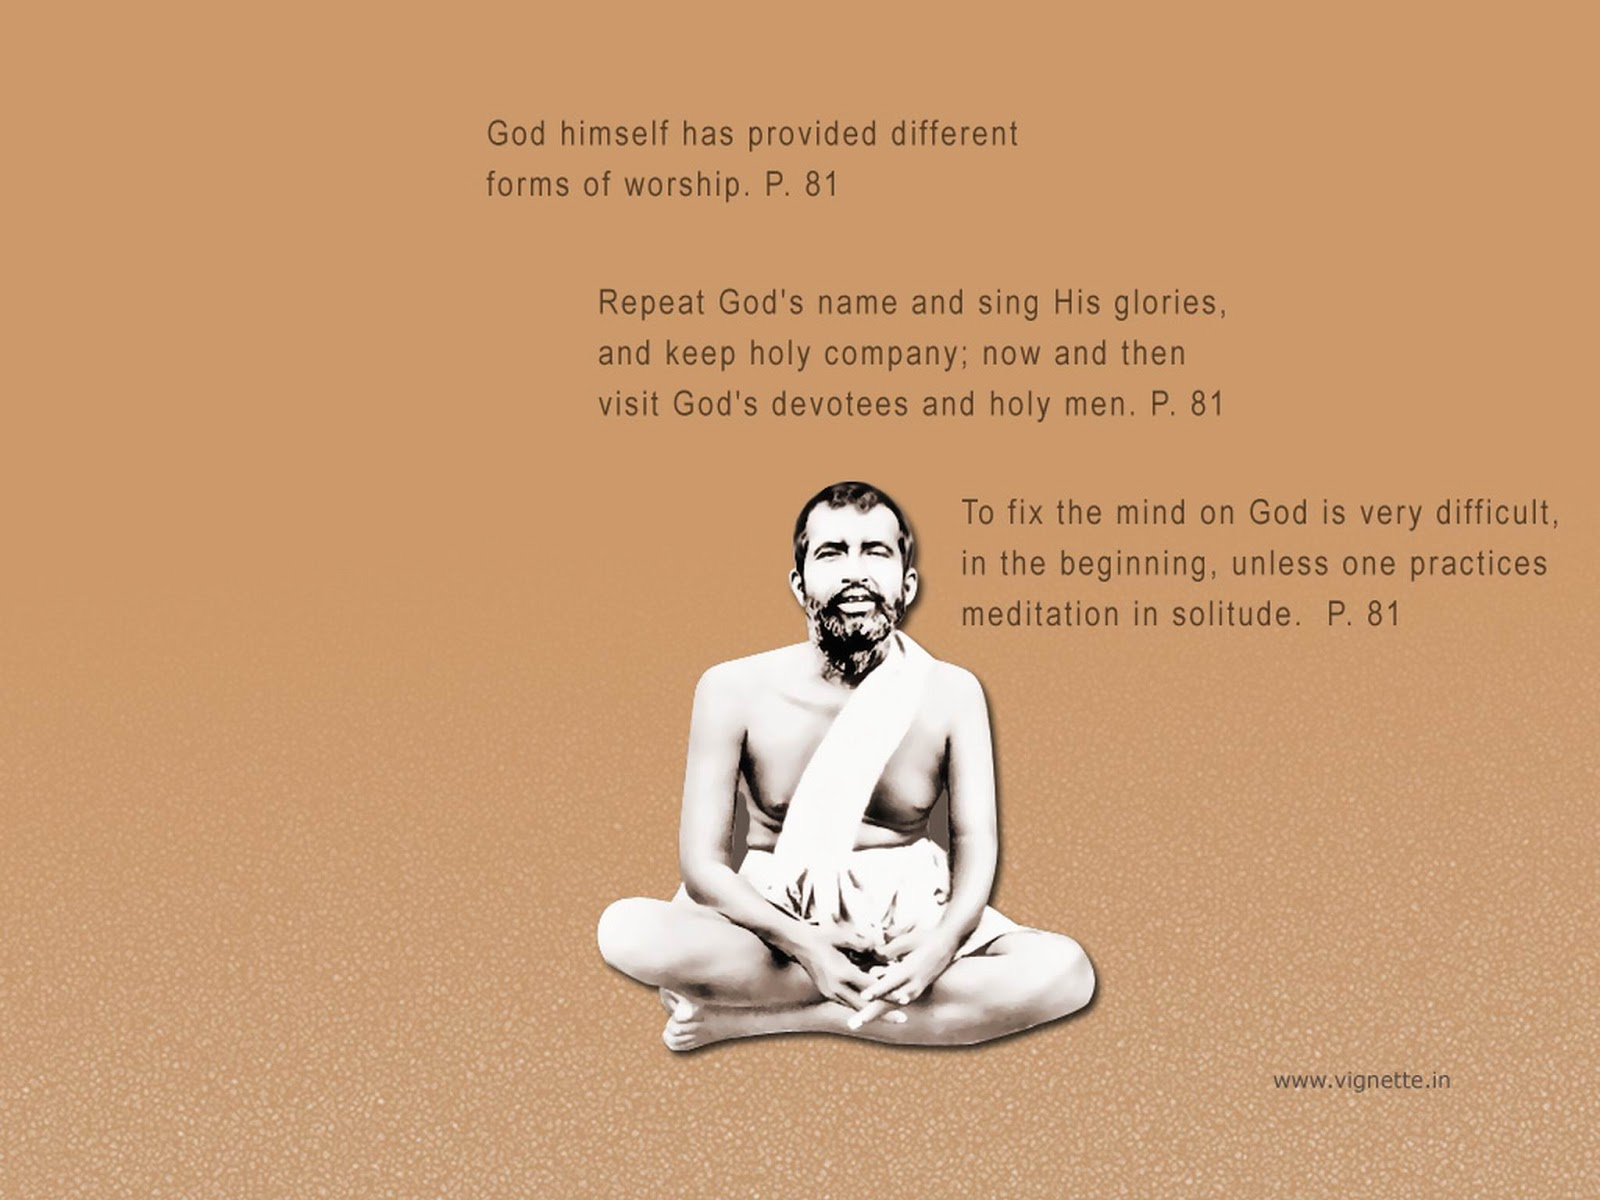 Spiritual Quotes: Image Quetes 13: Spiritual Quotes